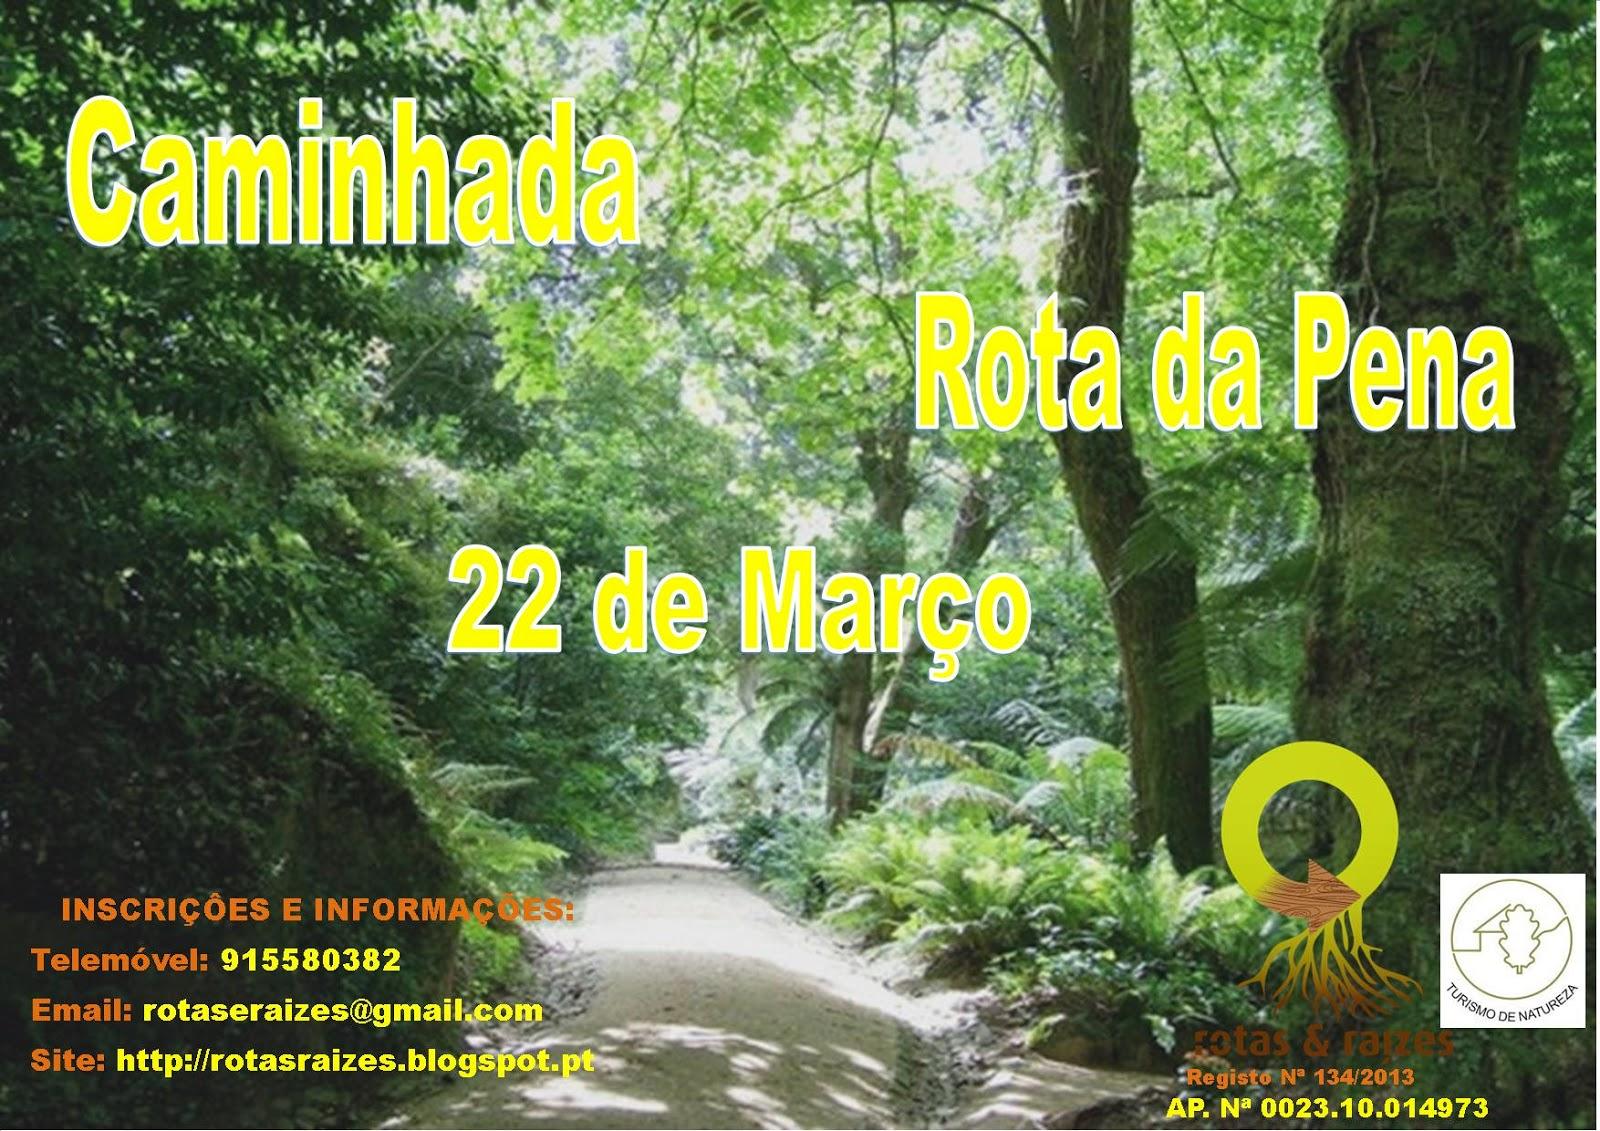 Rota - 2015/03/22 - Caminhada Rota da Pena- Sintra Rota%2Bda%2Bpena